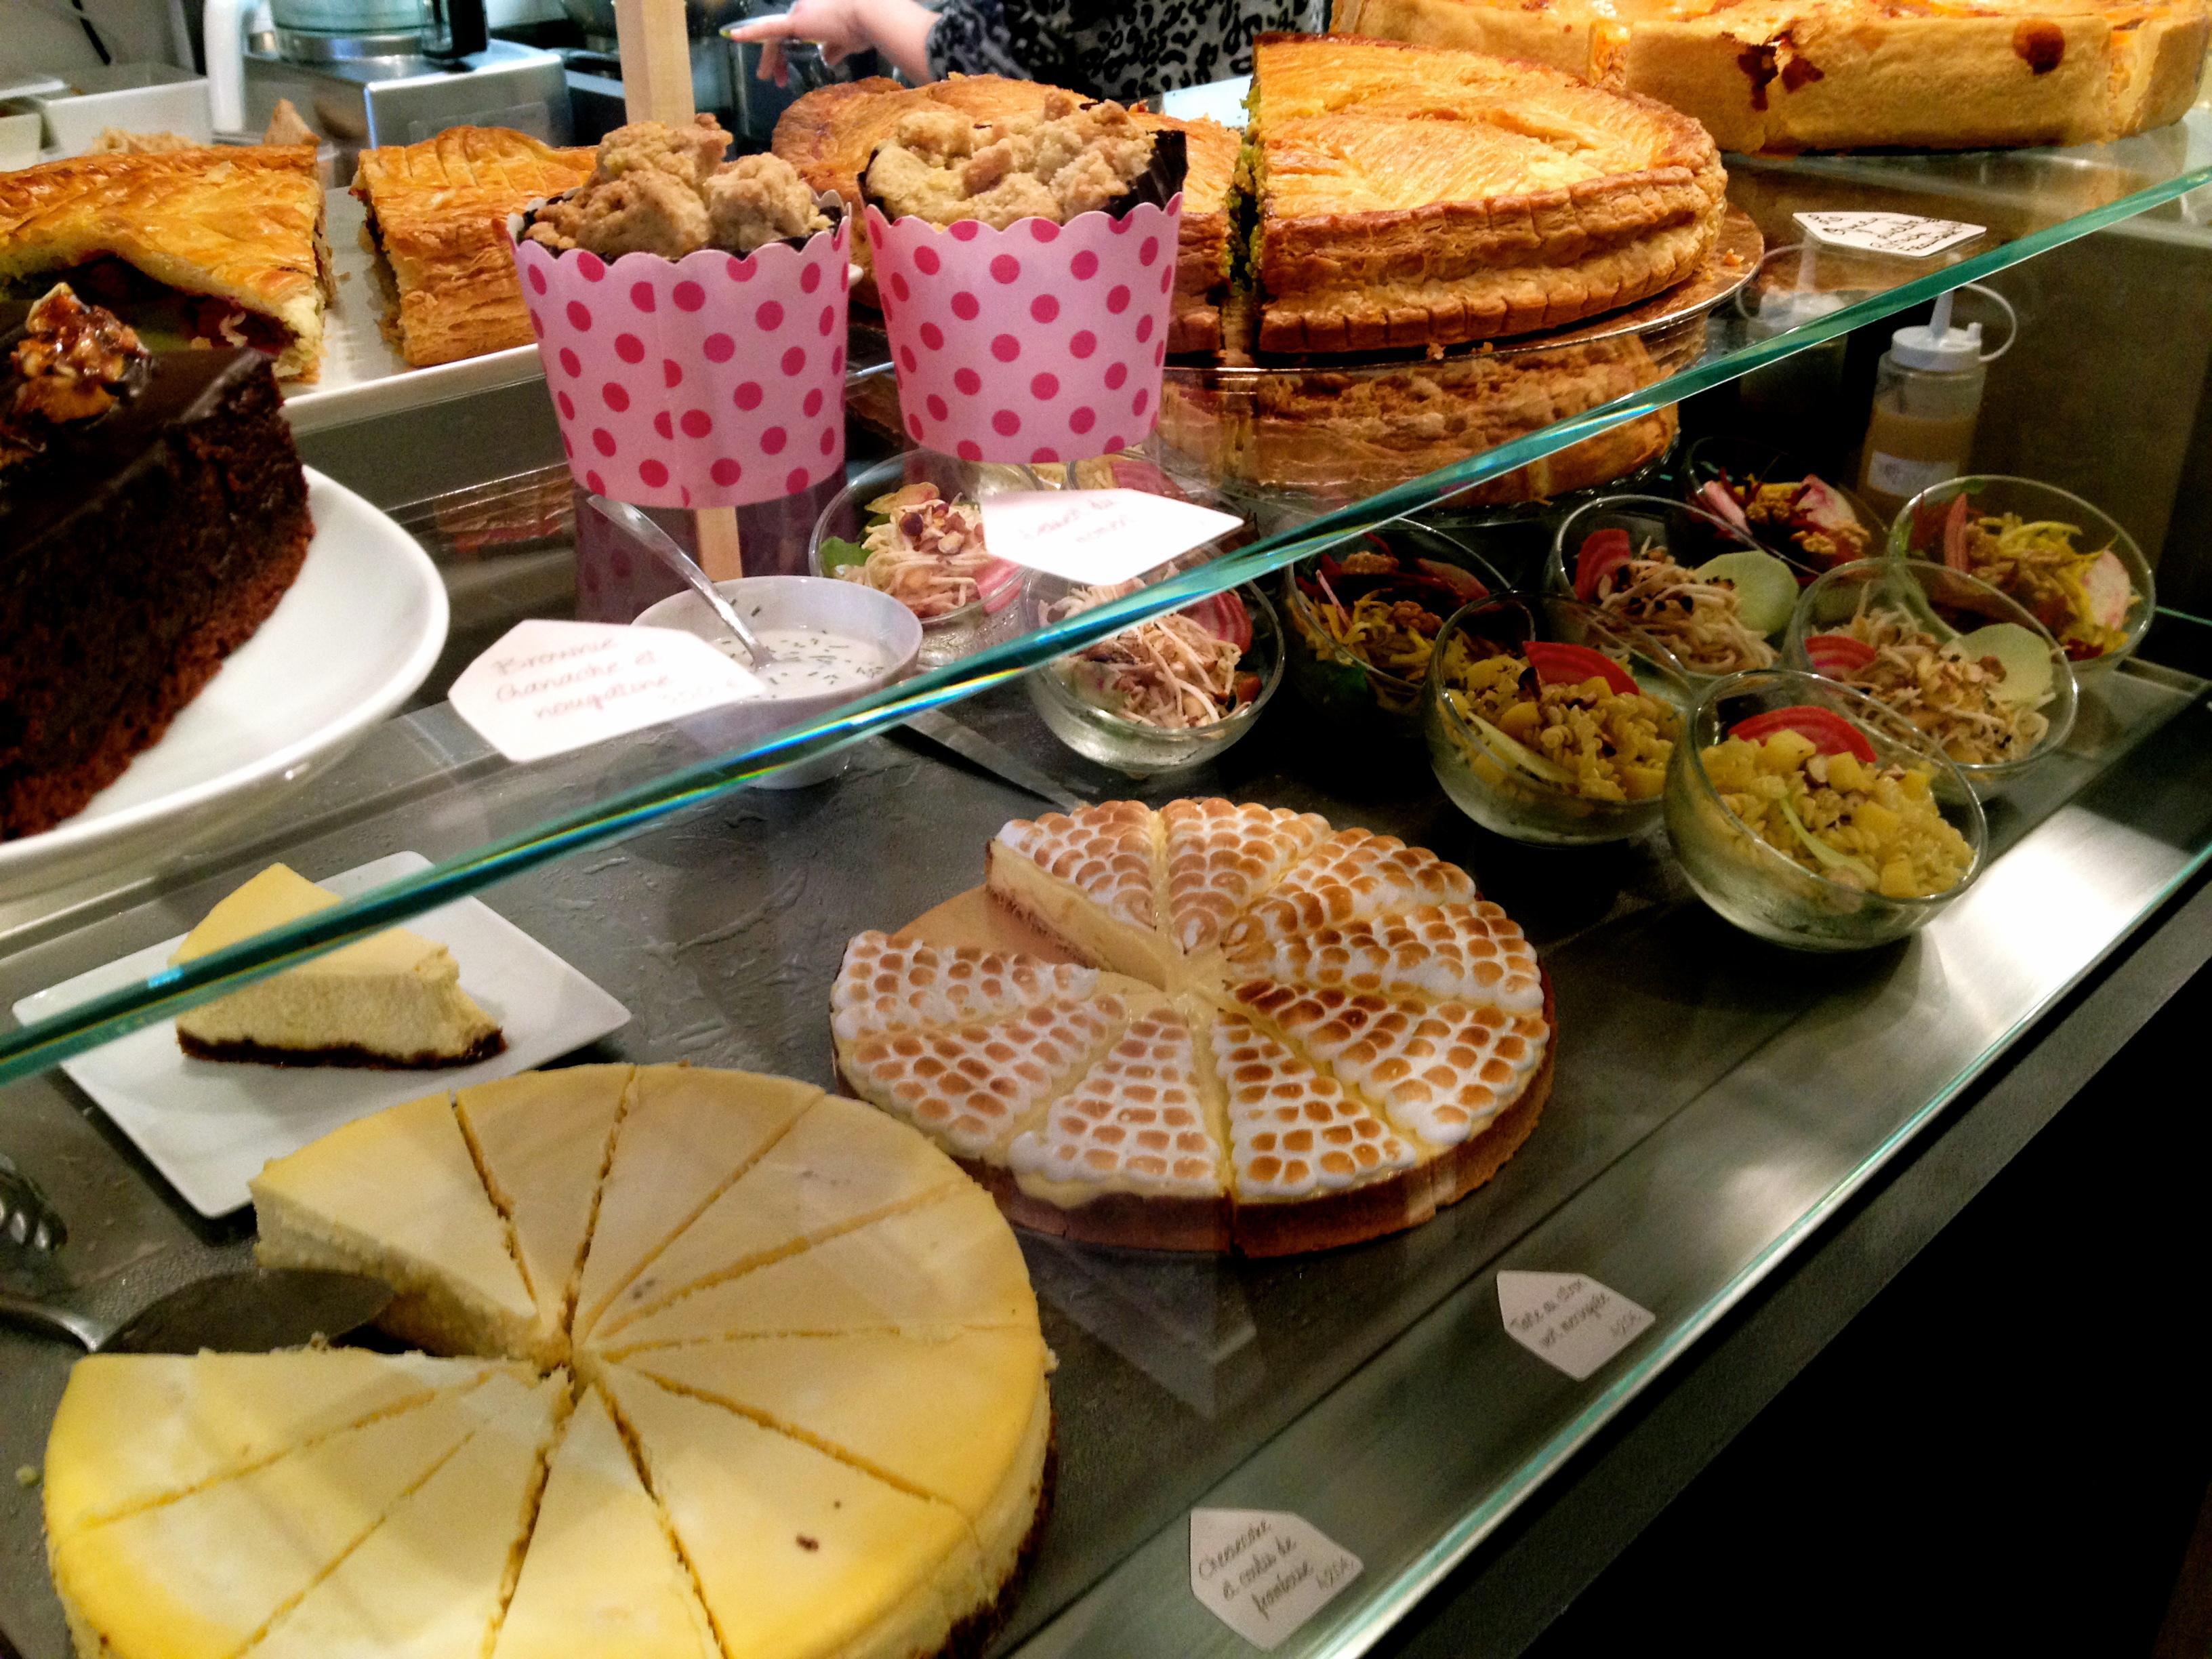 La kitchenette la nouvelle pause gourmande rennaise - La kitchenette rennes ...